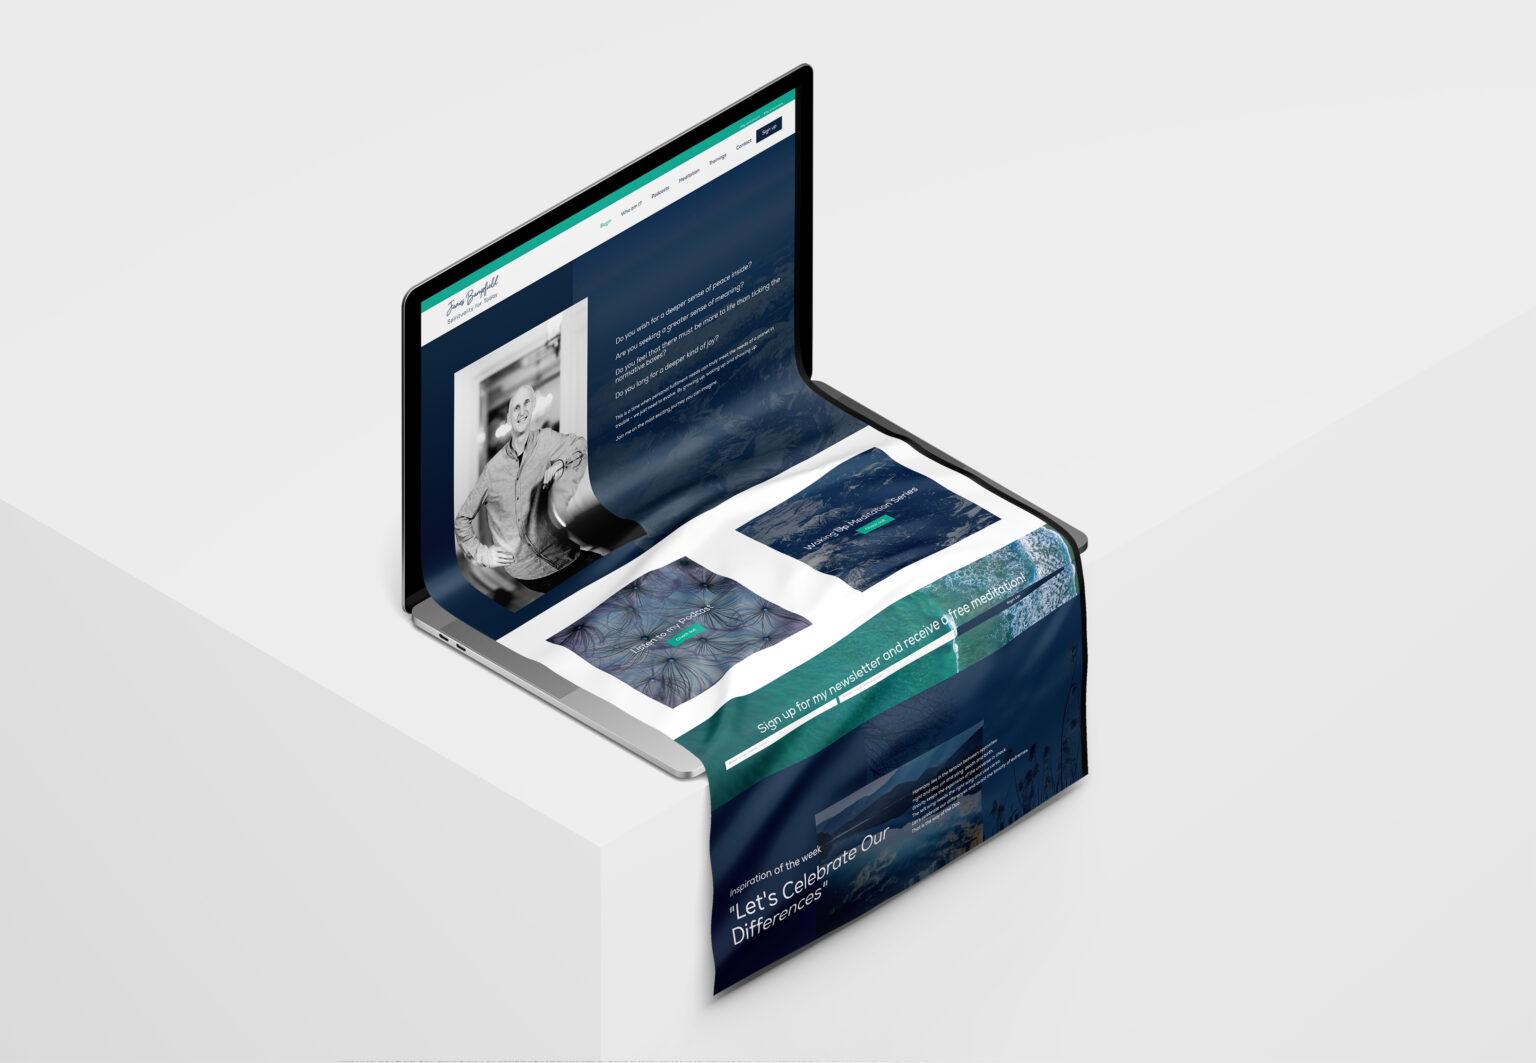 James Bampfield website design laptop mockup